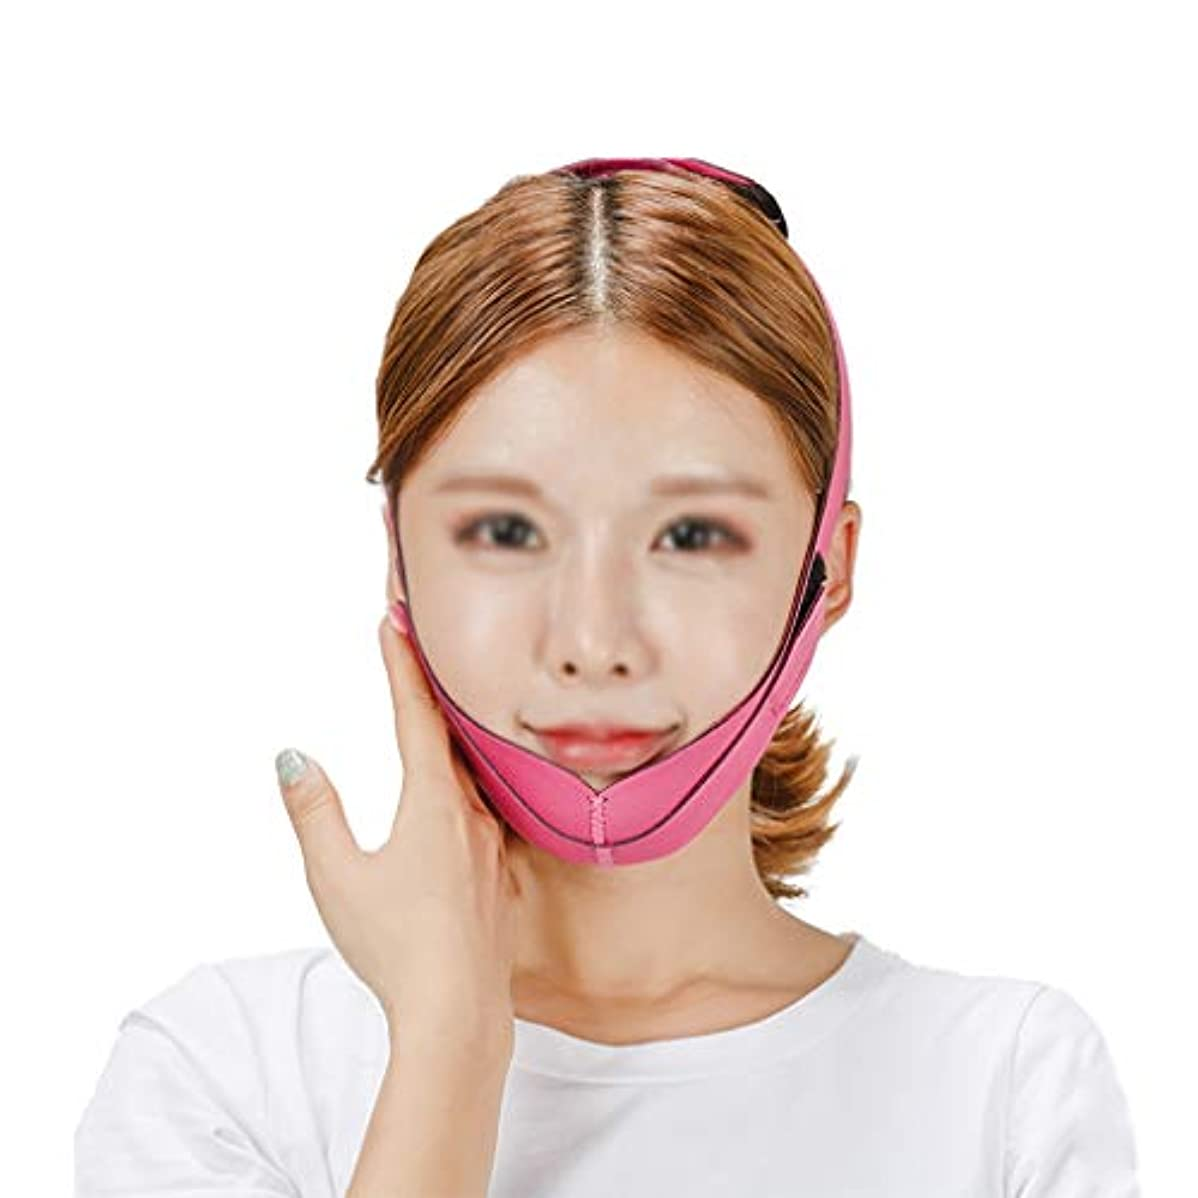 ページェント異邦人バランスのとれたXHLMRMJ 超薄Vフェイスライン、フェイスリフティングマスク、Vフェイスリフティングとリフティングファーミングパターン、シェイピングフェイス、改善ダブルチン、ピンク、女性に適しています